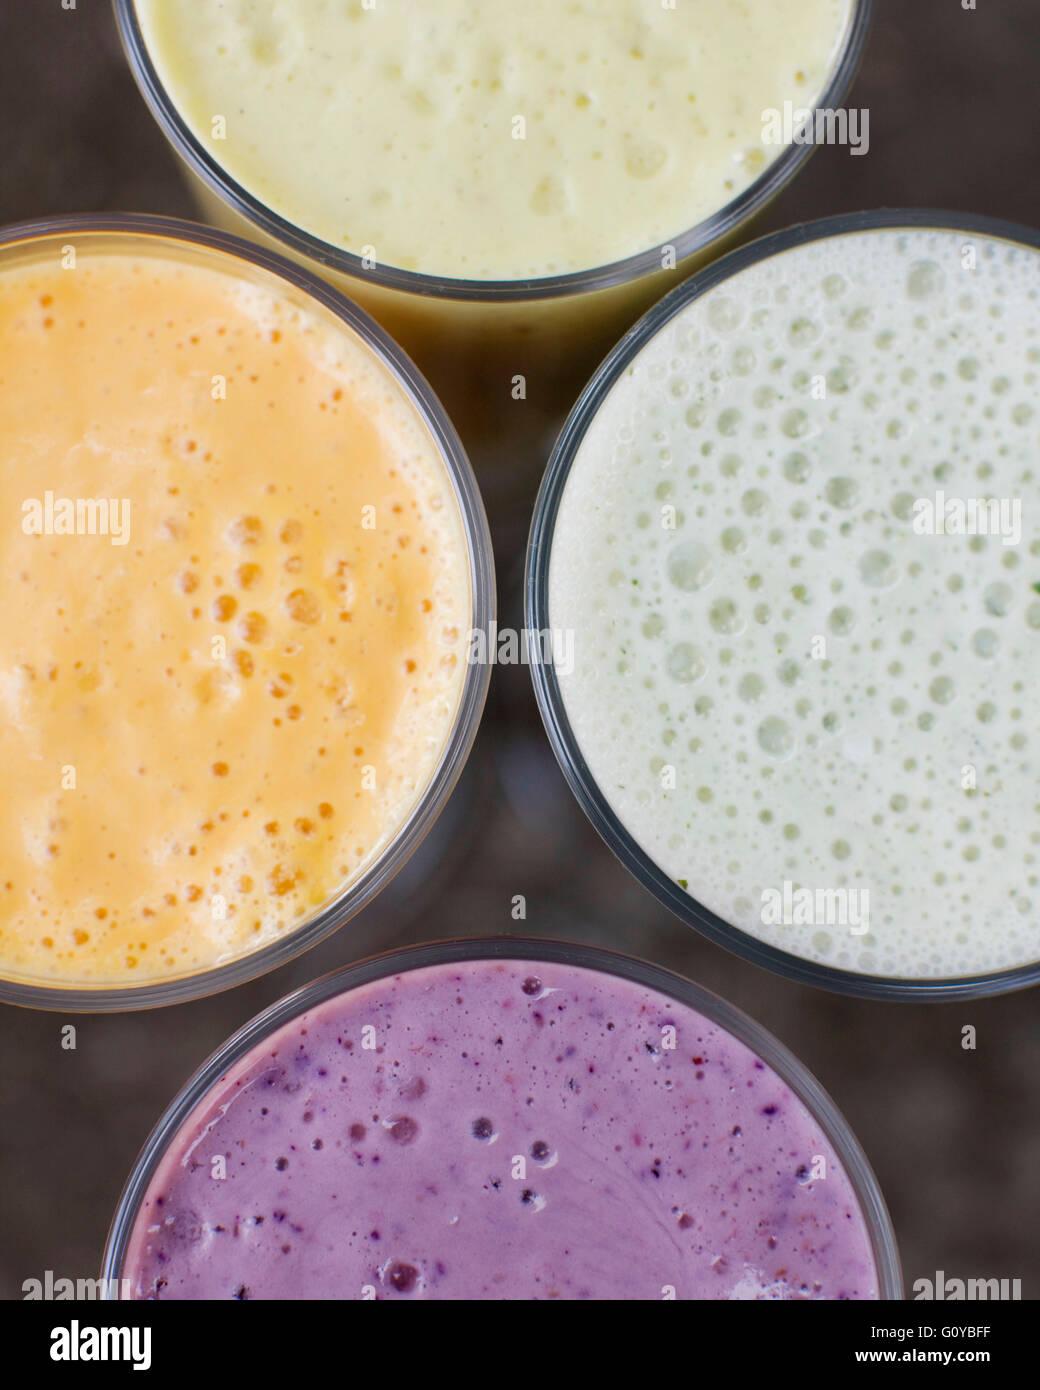 Eine Gruppe von vier Frucht-Smoothies. Beere, Lavendel, Papaya und Bananen Minze. Stockbild